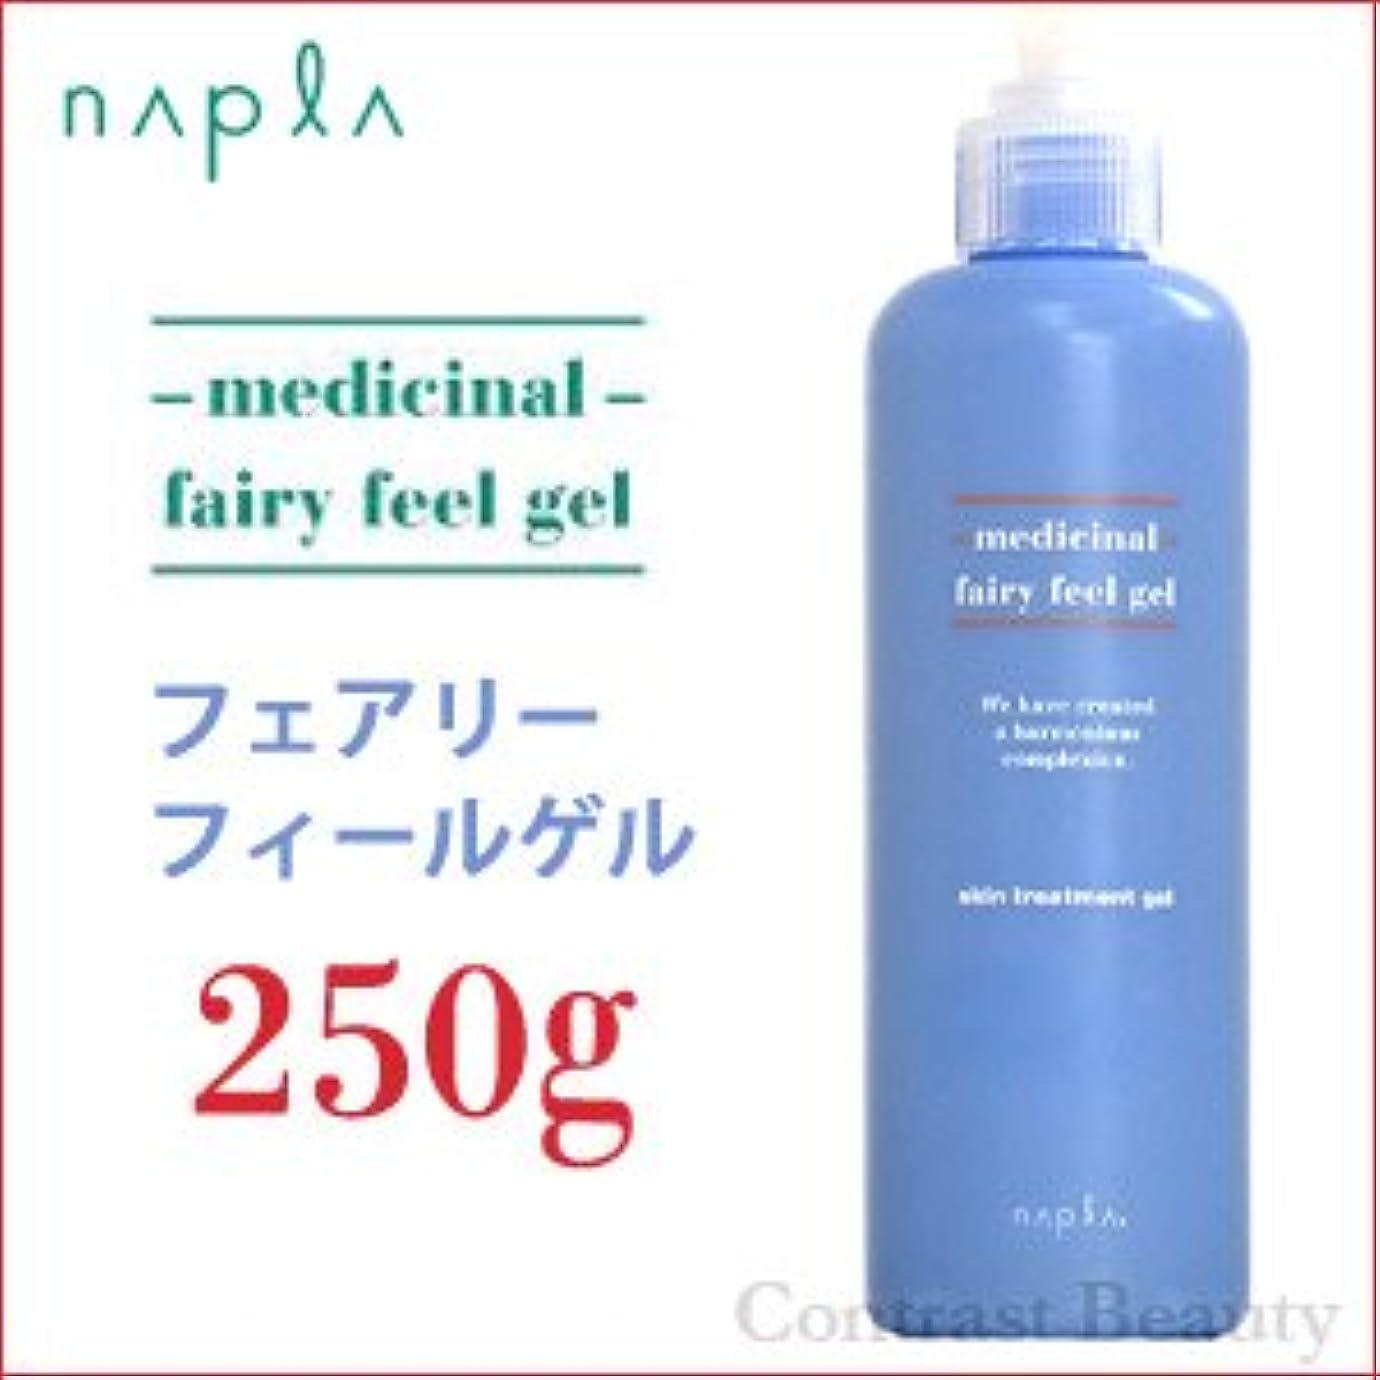 噴水投票発症【X5個セット】 ナプラ 薬用フェアリーフィールゲル 250g